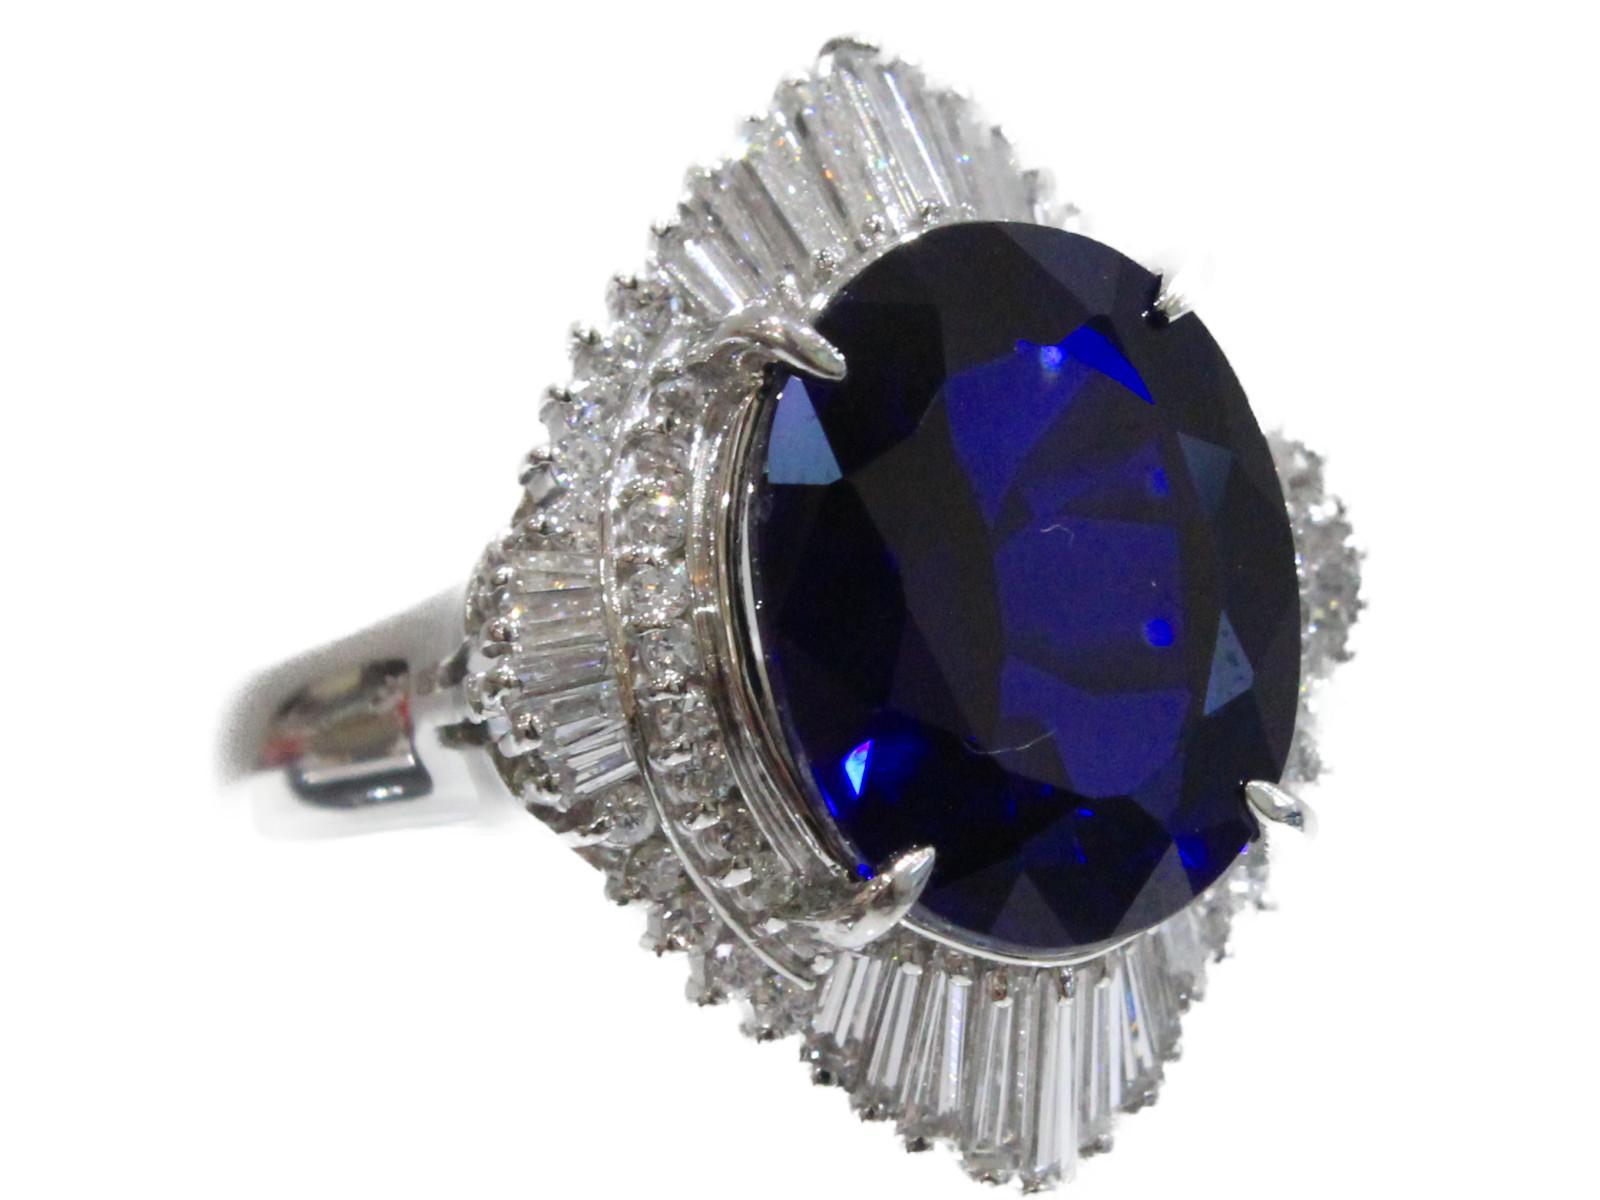 【ソーティングあり】Pt900 合成S10.41ct D1.21ctリング   プラチナ サファイア ダイヤモンド Pt900 15.4gレディース メンズ ウィメンズ シンプル プレゼント ゴージャス 豪華 珍しい 指輪 【中古】